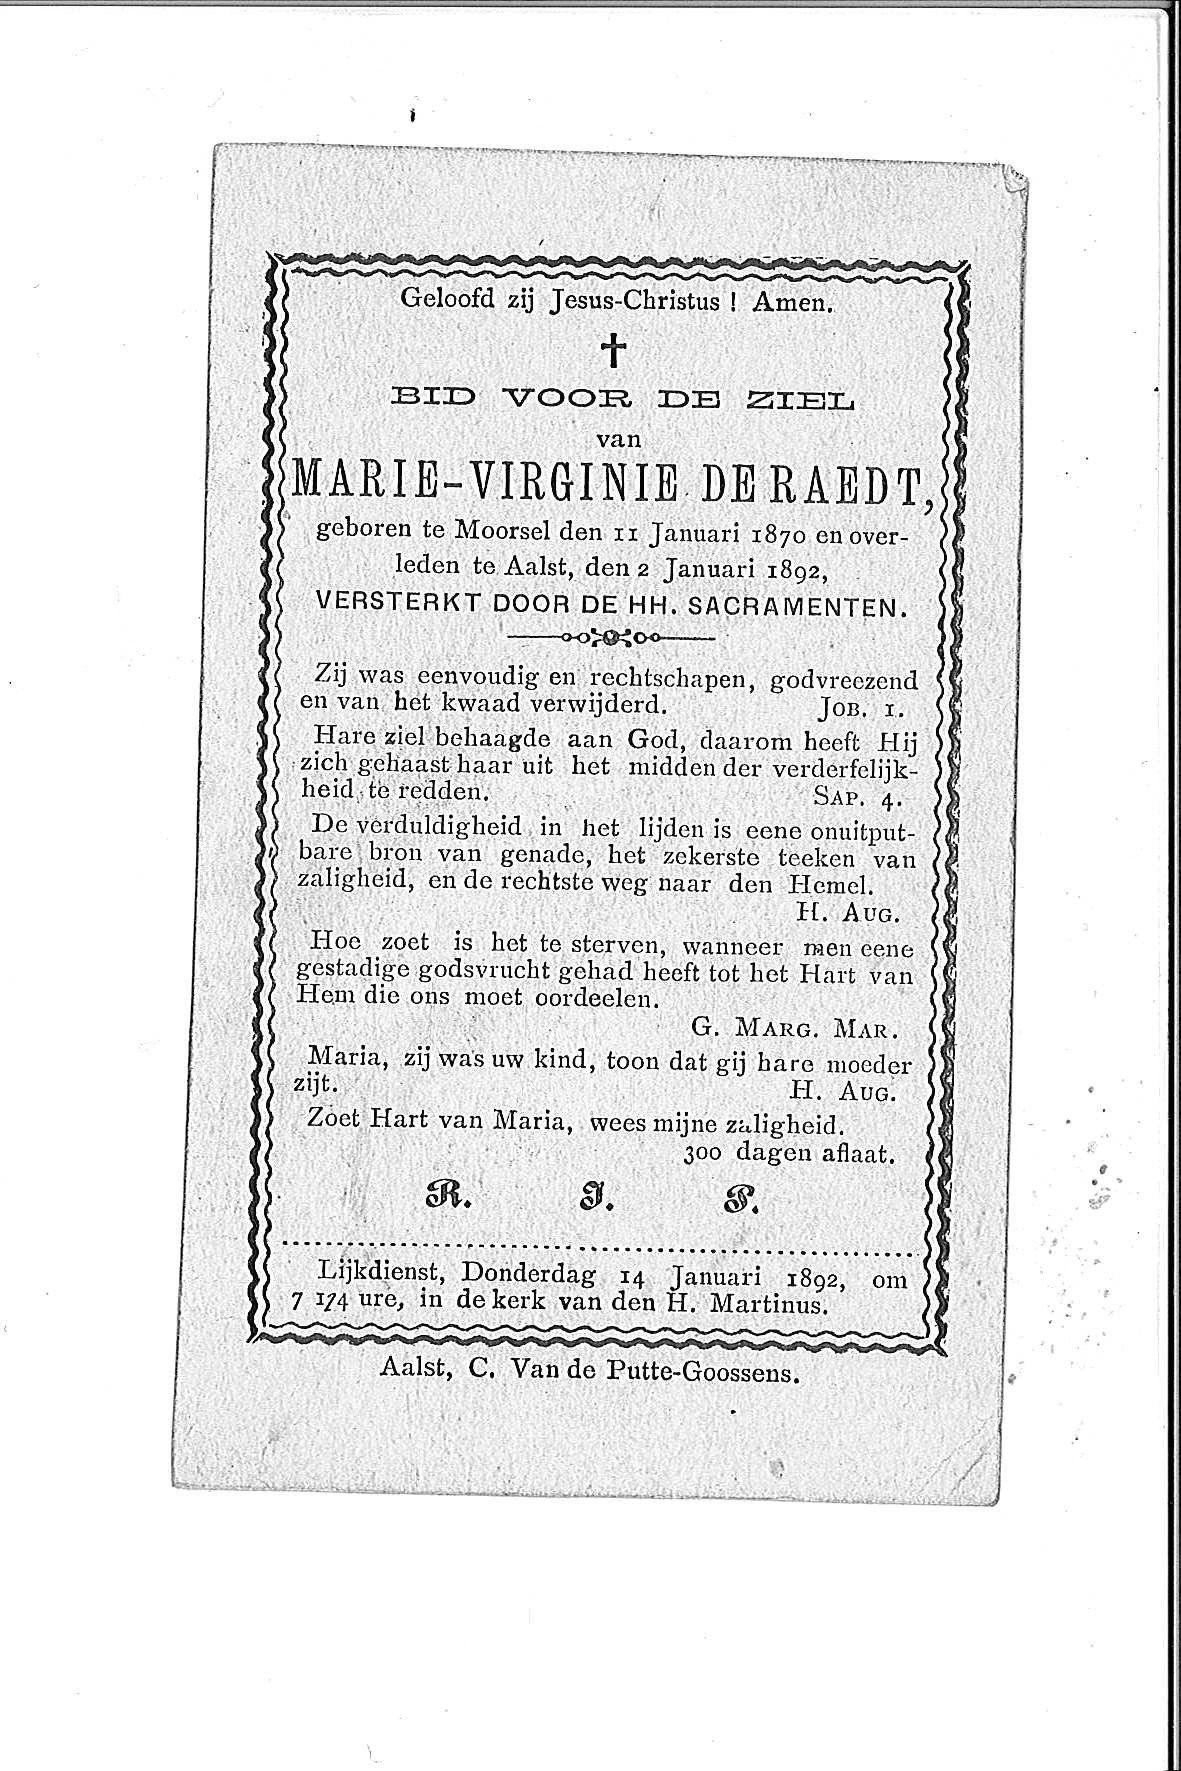 Marie-Virginie(1892)20150420120916_00011.jpg